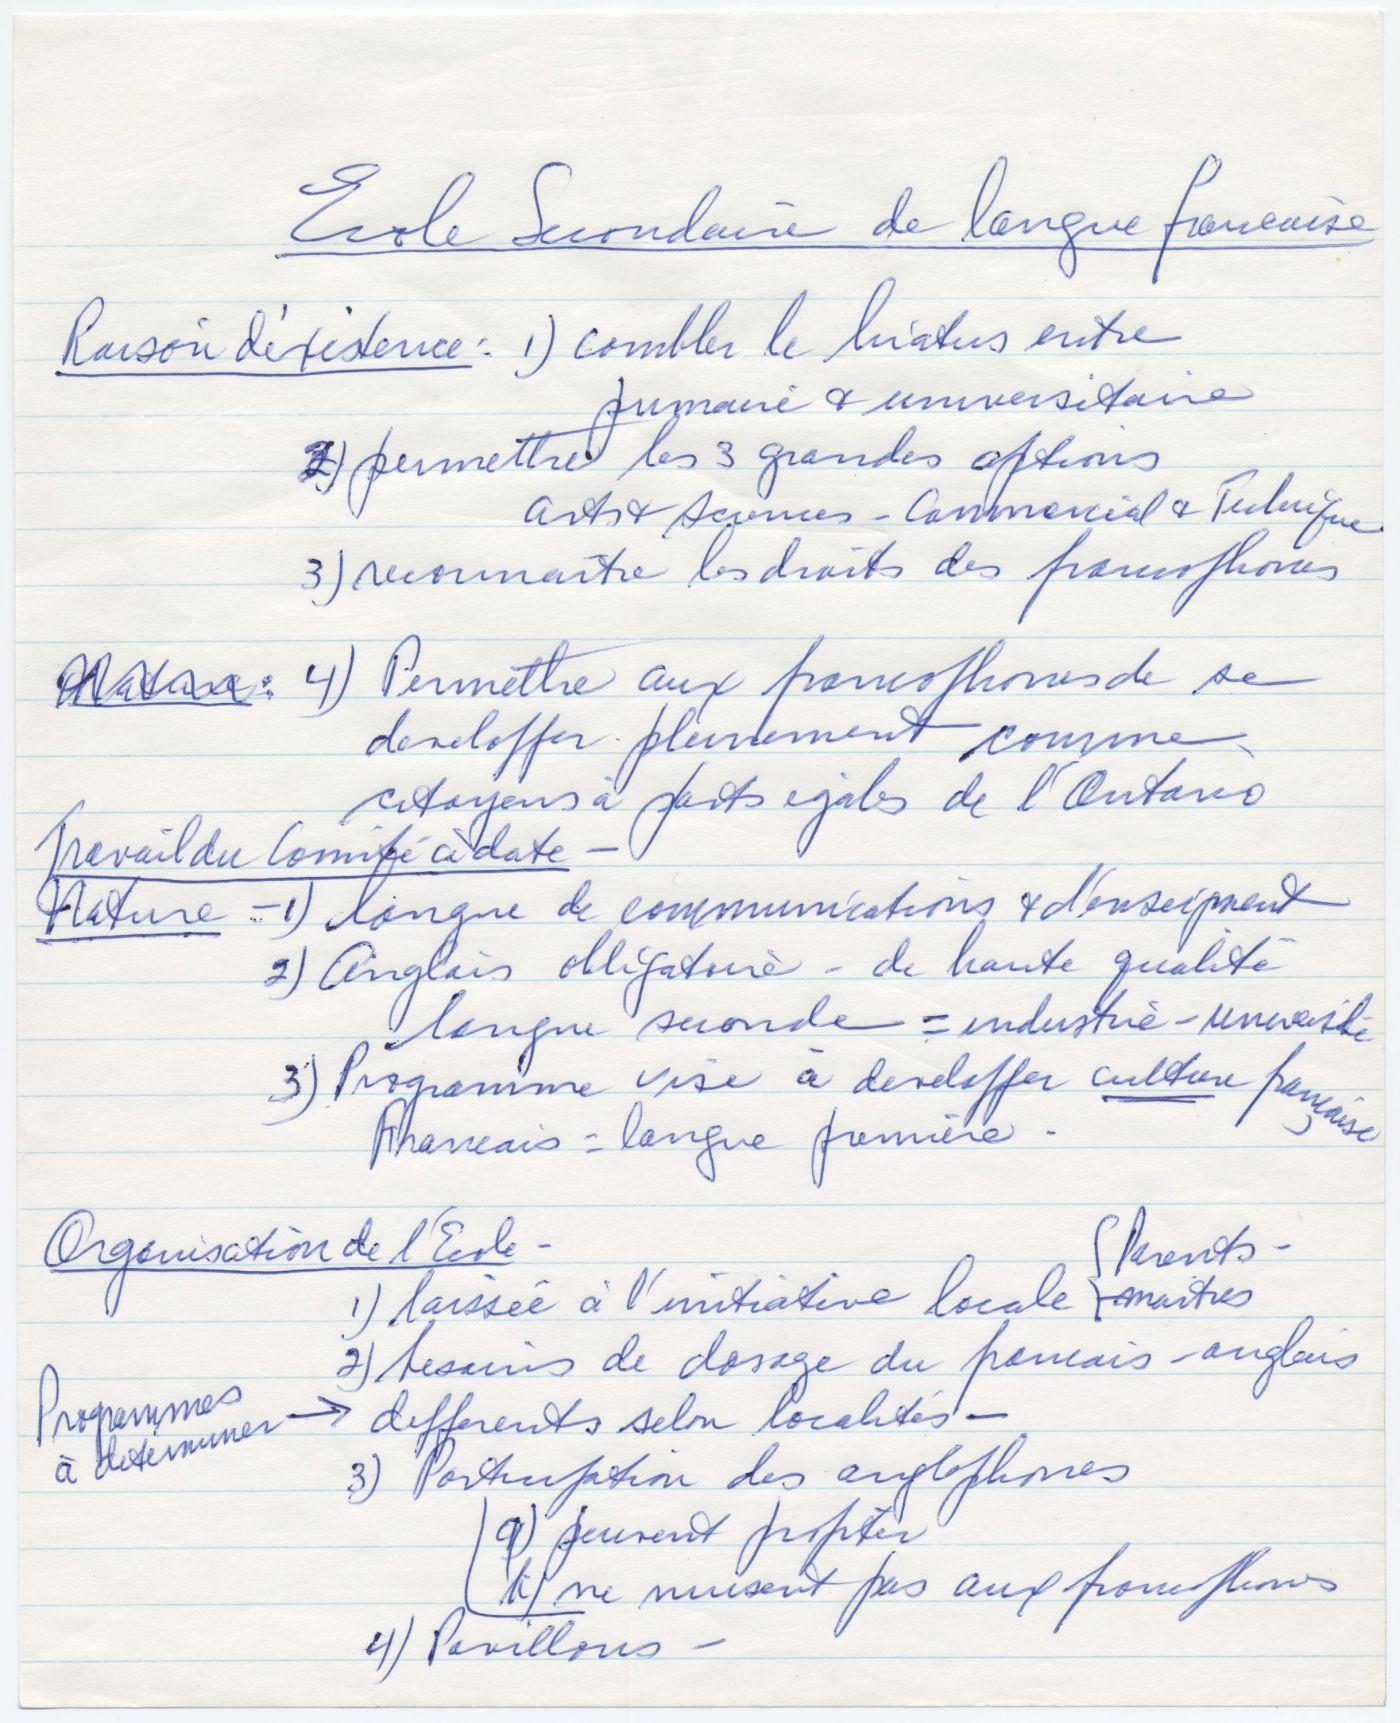 Texte manuscrit à l'encre bleue, en français. Une liste numérotée de recommandations, sous trois rubriques: raison d'existence, nature et organisation de l'école. Ratures et ajouts.